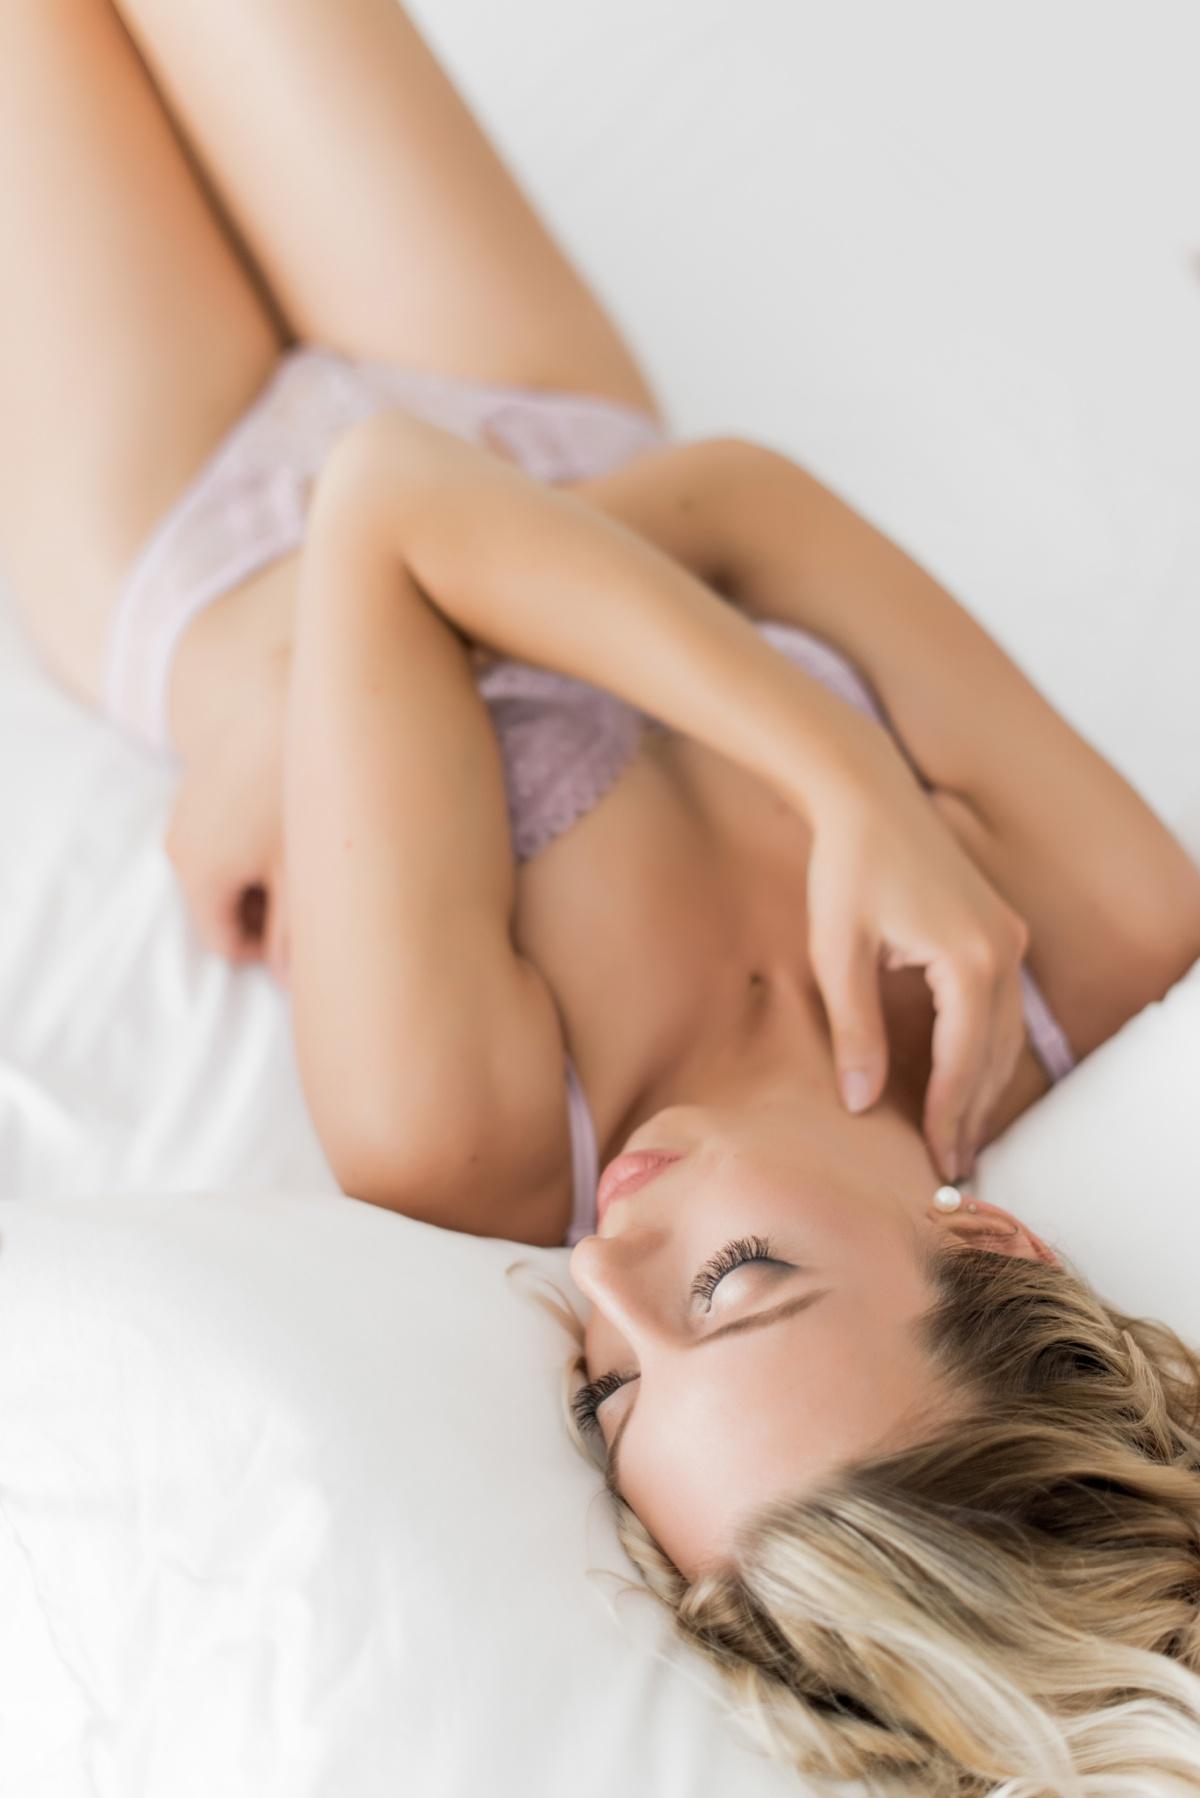 sexy boudoir pose, dc boudoir, maryland boudoir, virginia boudoir, frill boudoir, shelby leigh boudoir